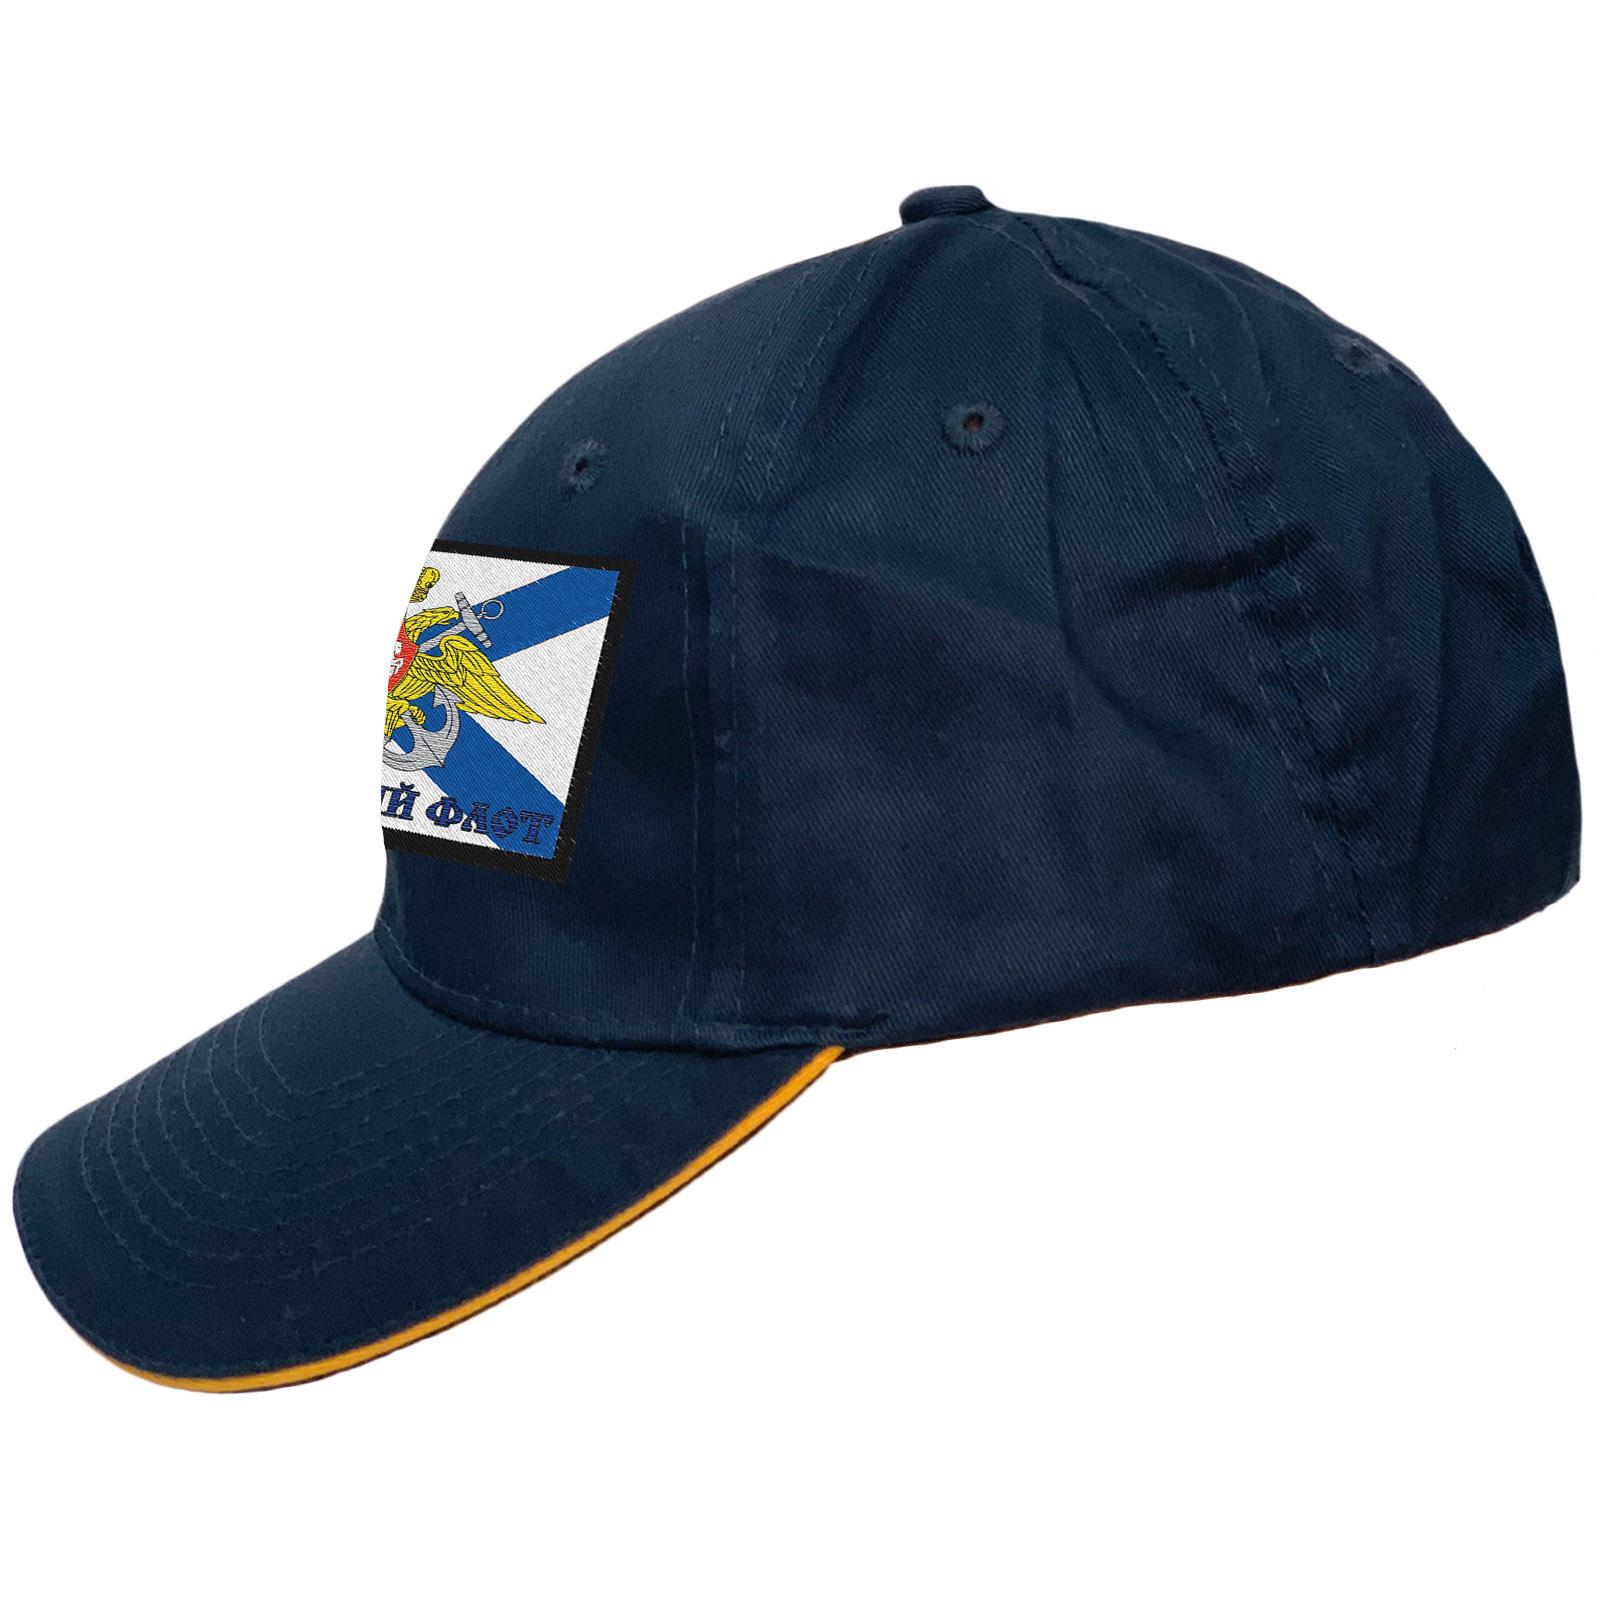 Купить бейсболку Балтийский флот ВМФ с доставкой